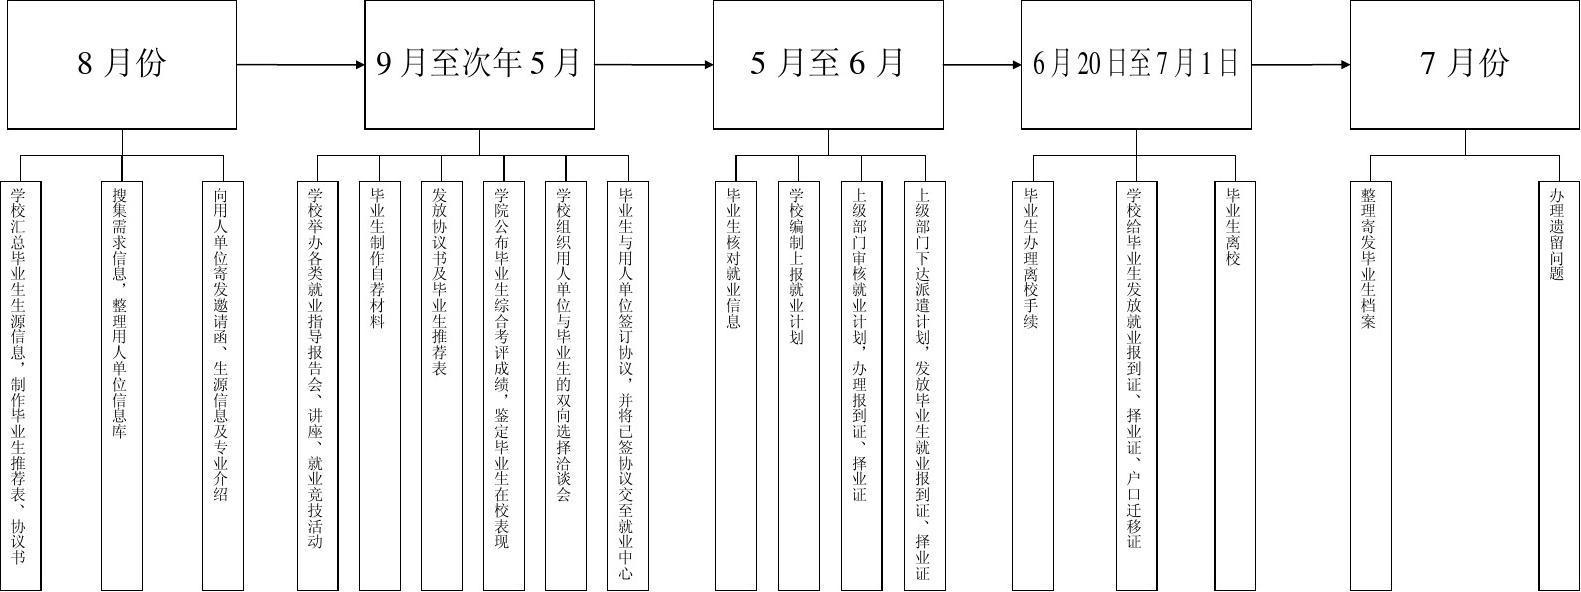 大学生就业工作流程图